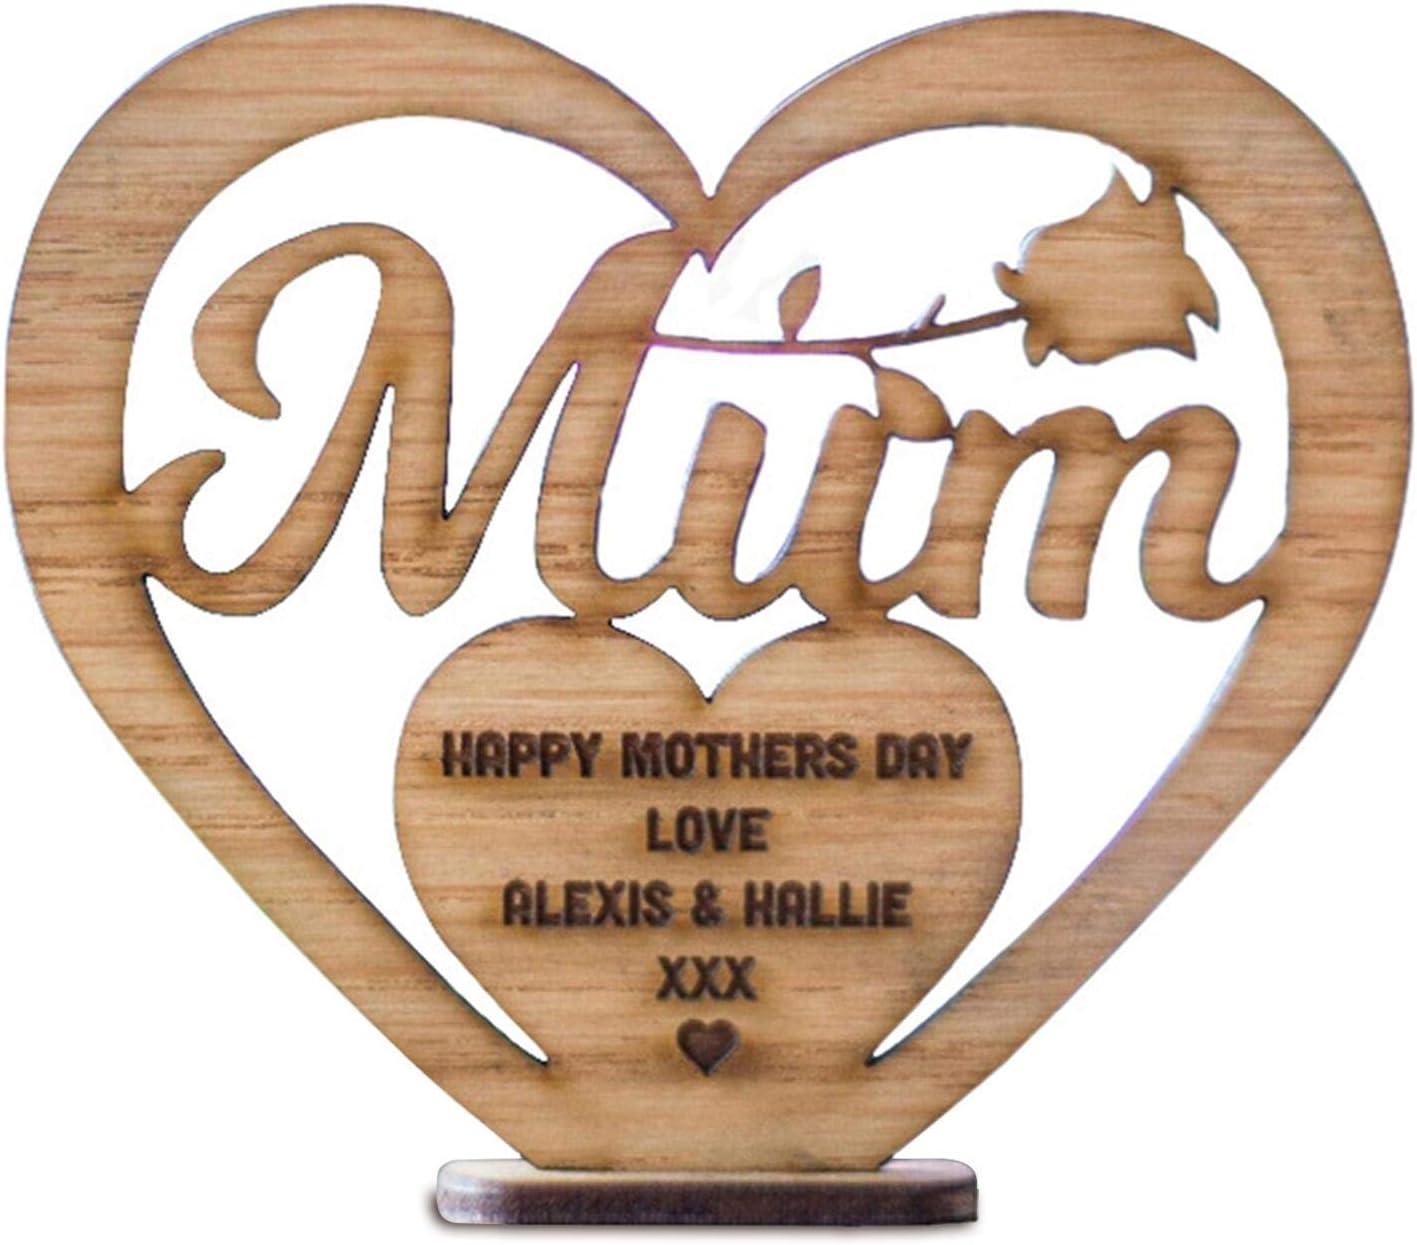 huiyingshe Decoraciones de Madera para el día de la Madre, decoración de Mesa con Forma de corazón de Amor para el hogar, Adorno de Madera, Regalo Artesanal para la Madre, Feliz día de la Madre